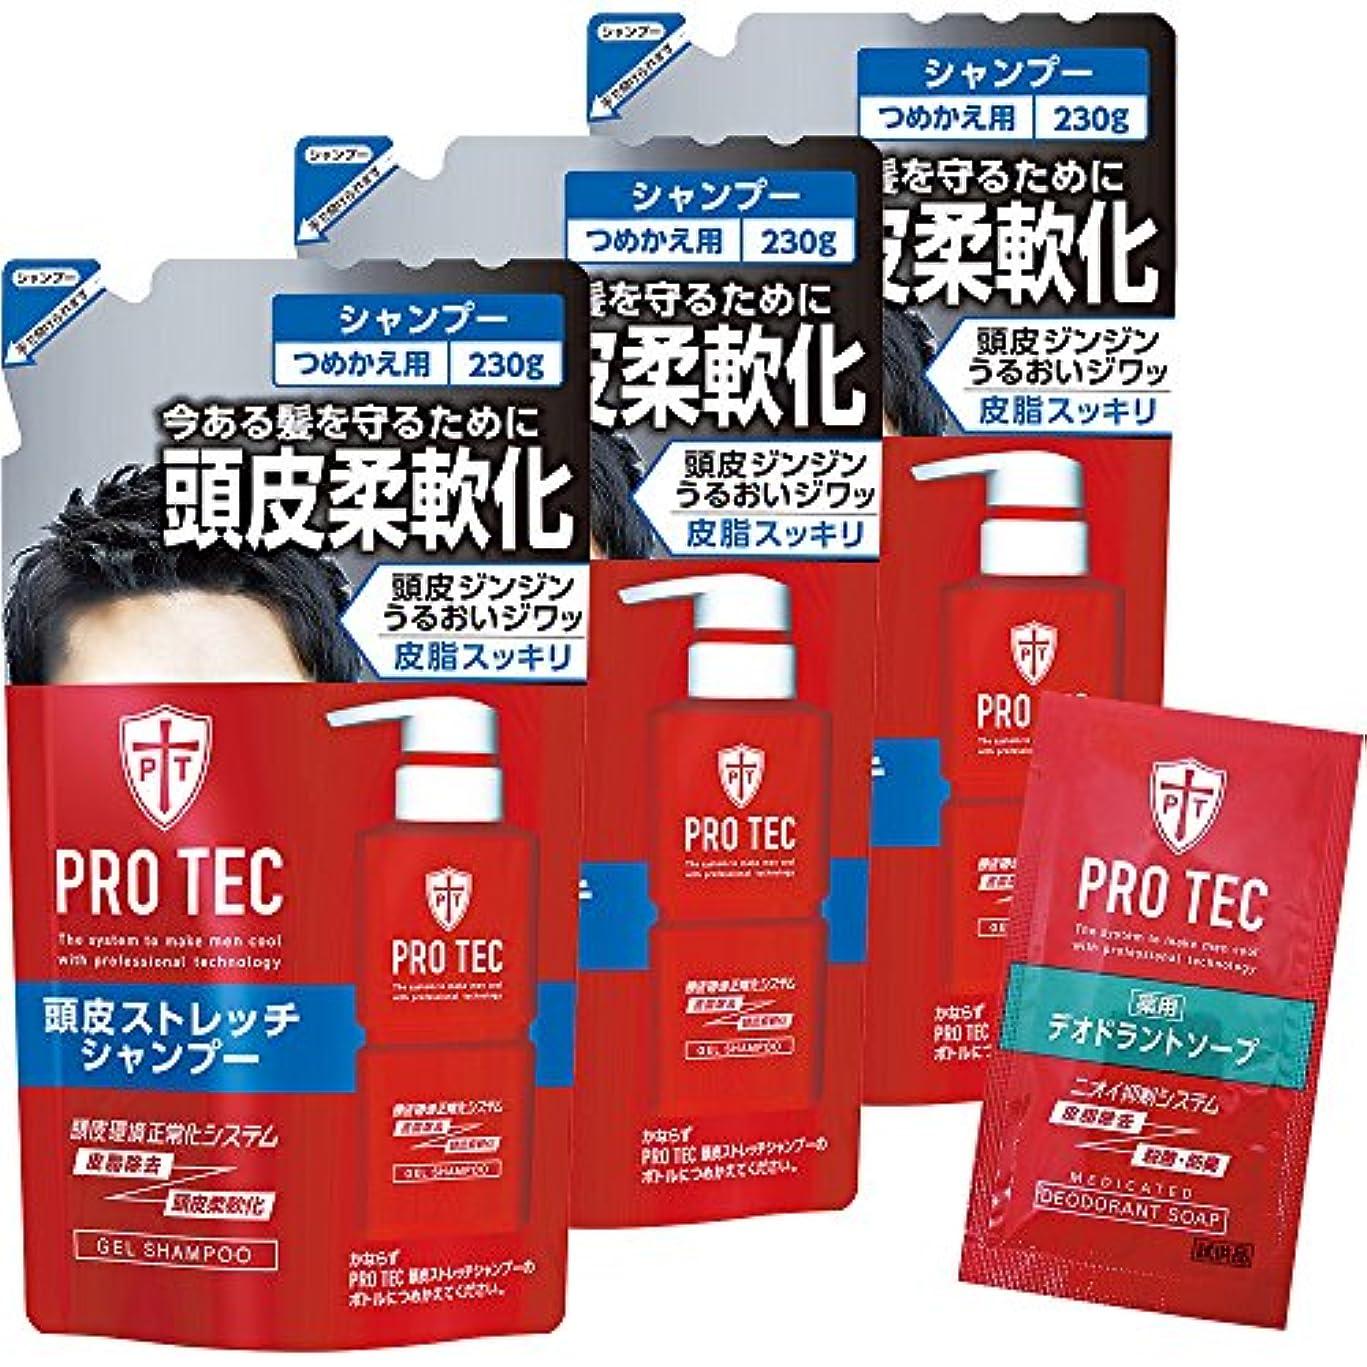 くすぐったい八【Amazon.co.jp限定】PRO TEC(プロテク) 頭皮ストレッチ シャンプー 詰め替え 230g×3個パック+デオドラントソープ1回分付(医薬部外品)